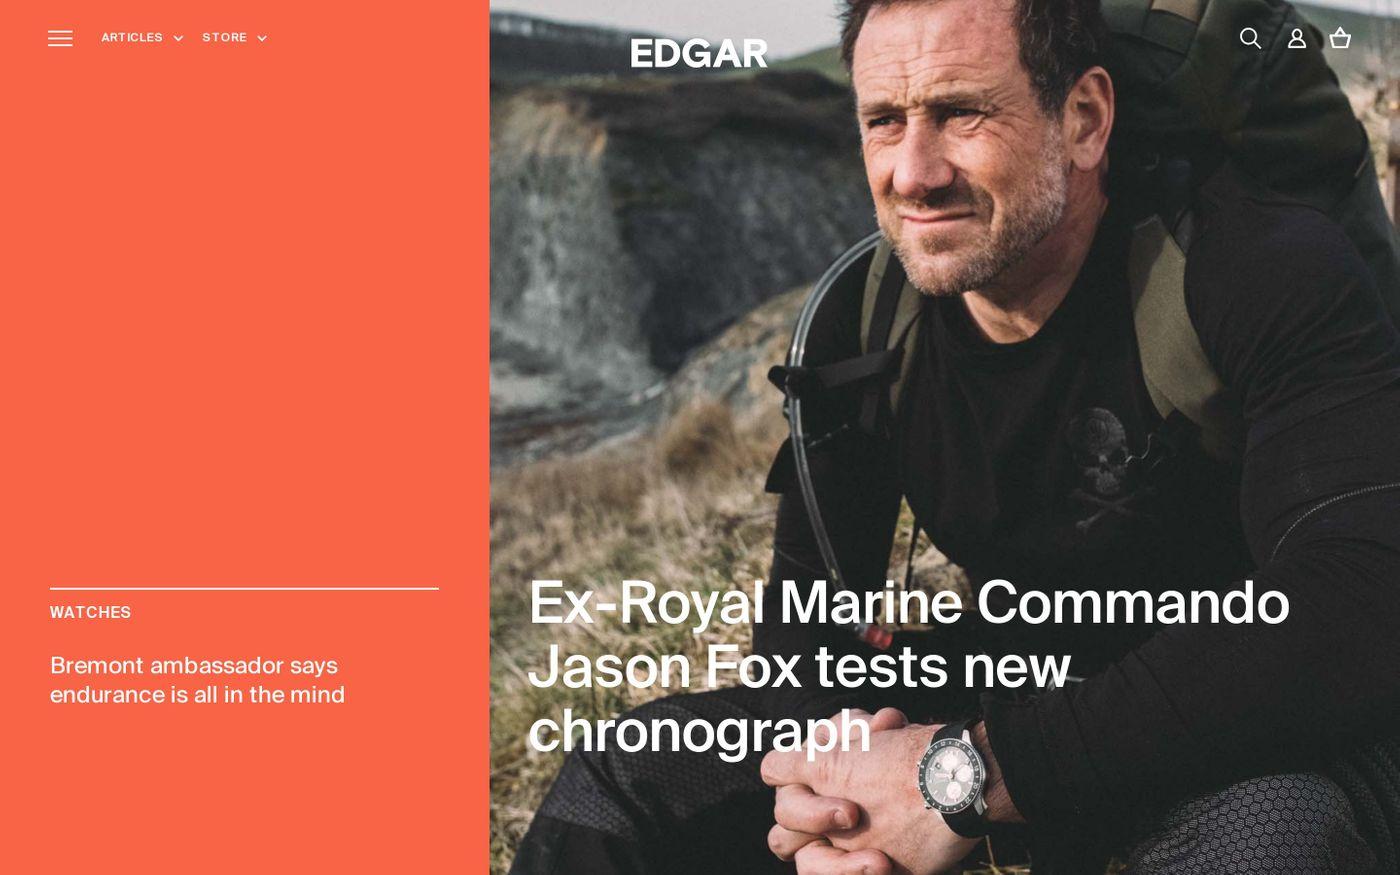 Screenshot of Edgar website